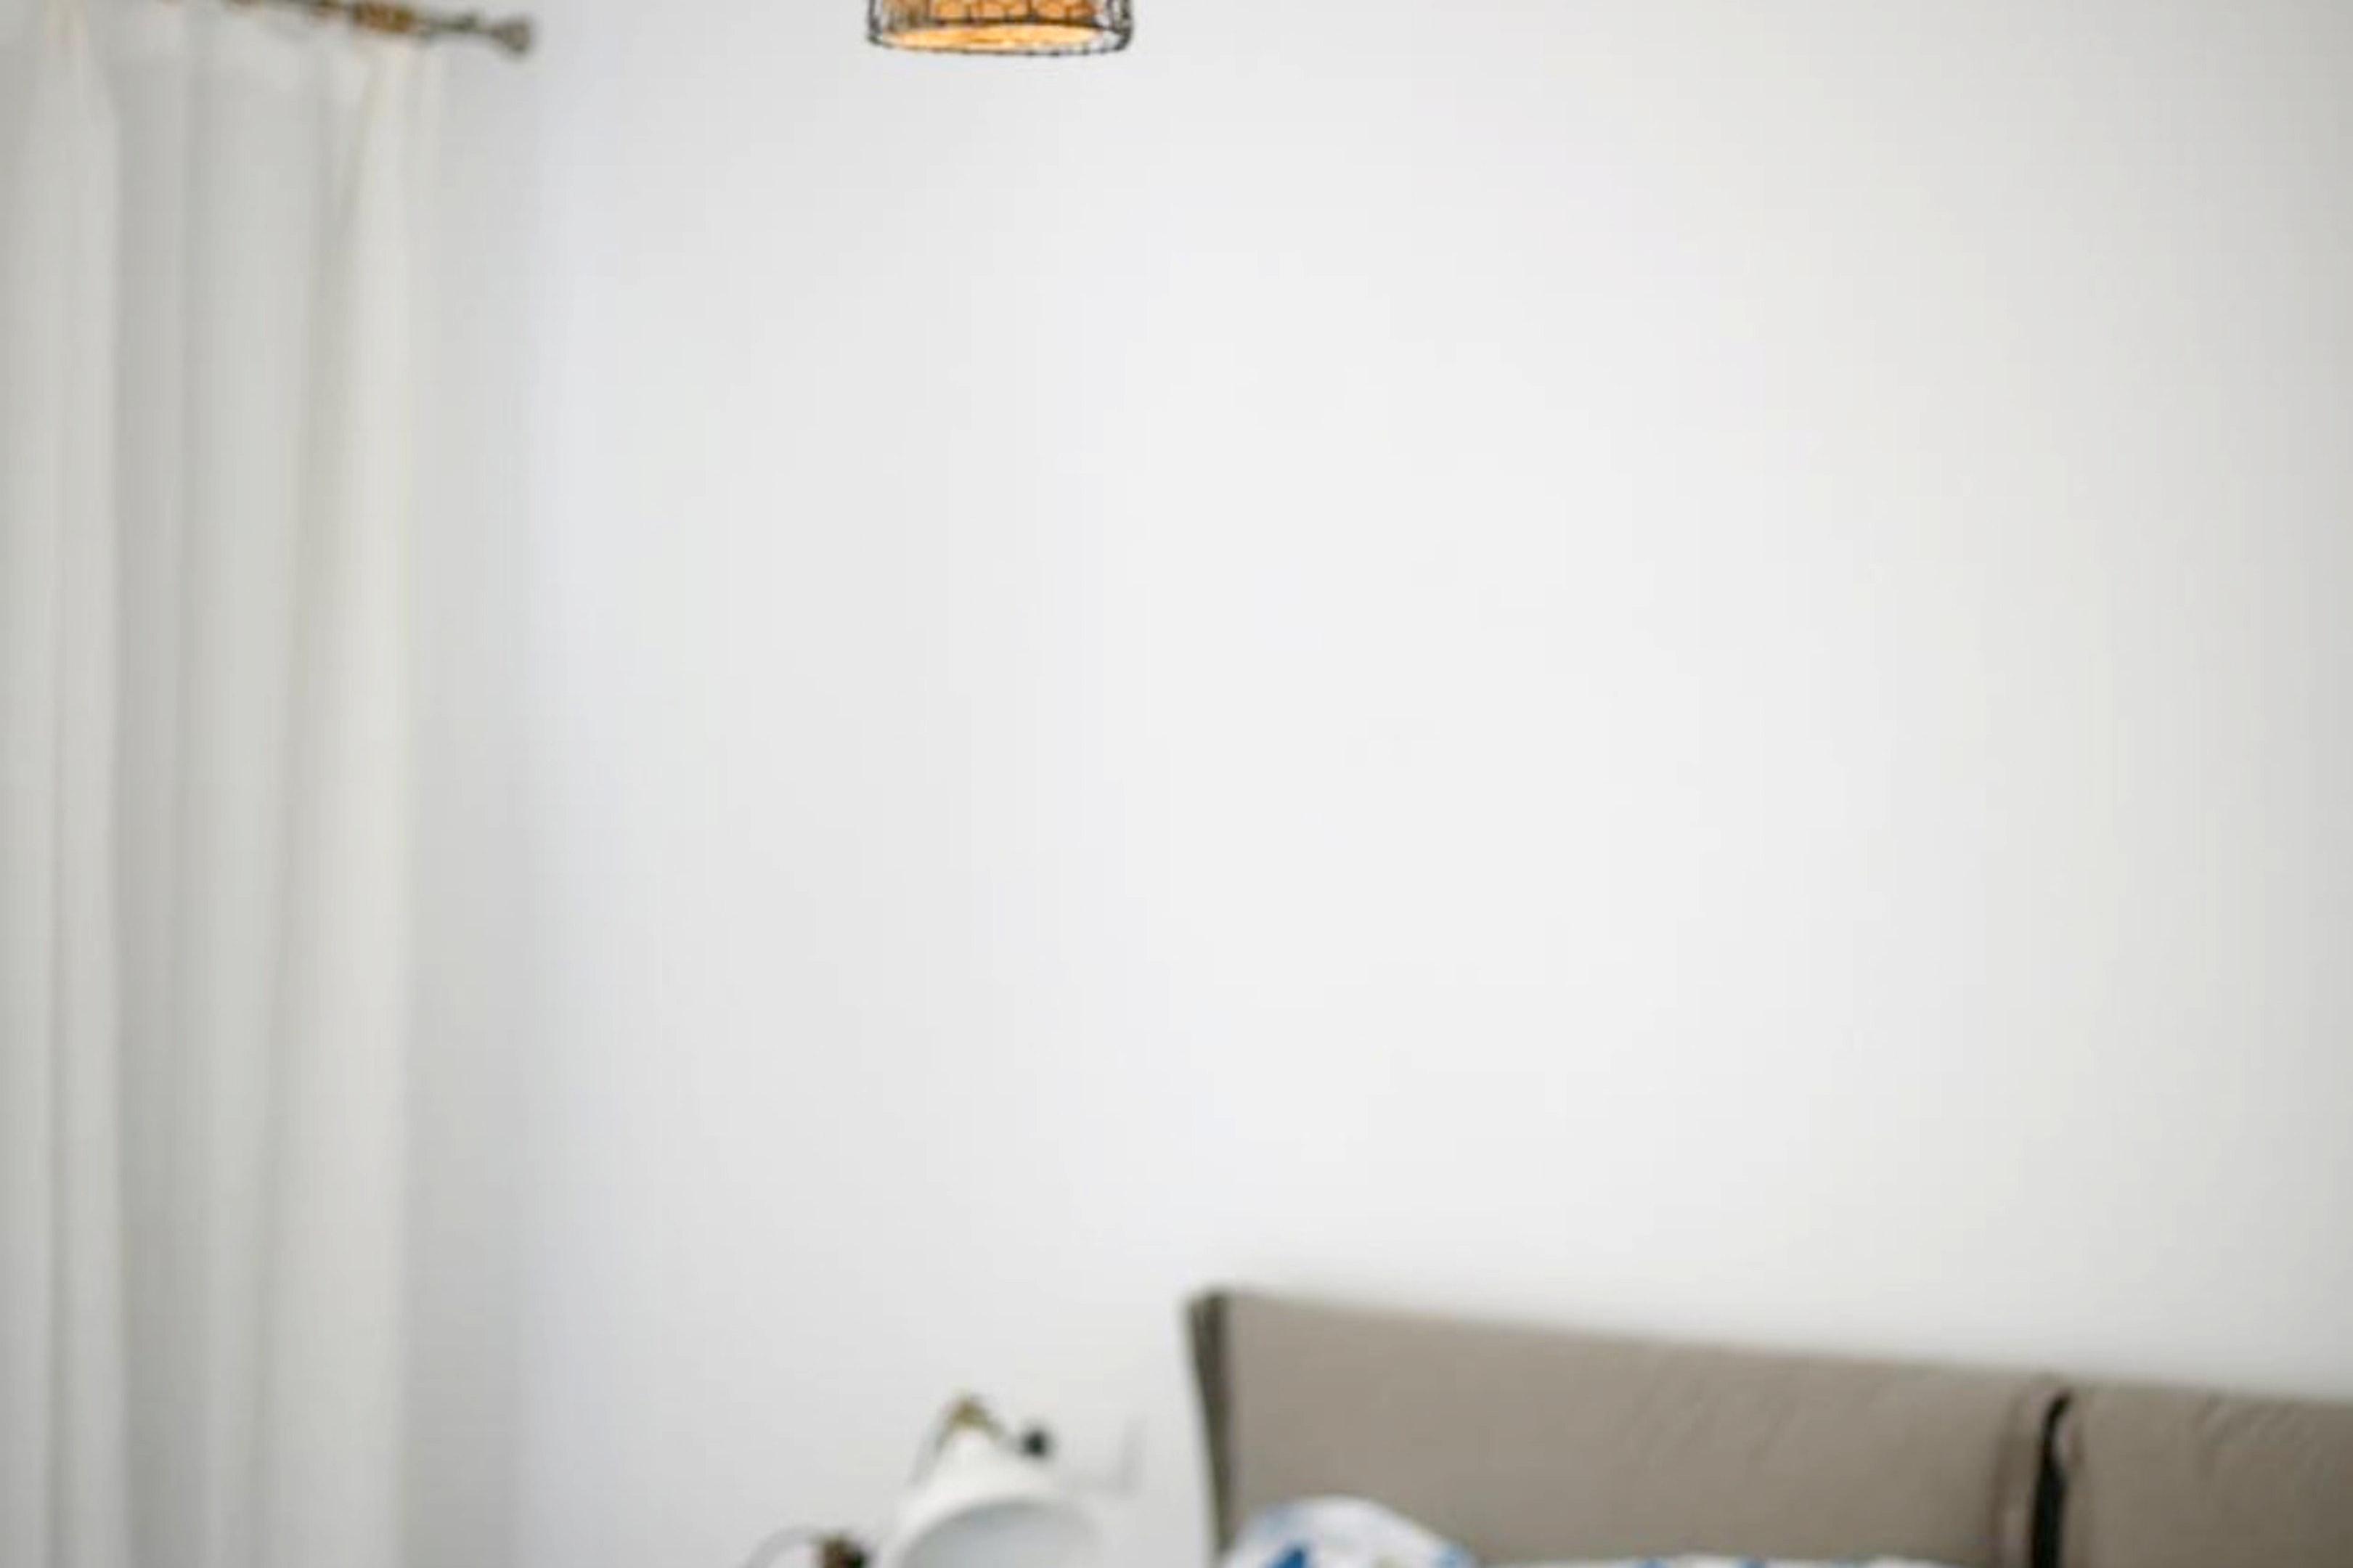 Maison de vacances Haus mit 4 Schlafzimmern in Sant Francesc Xavier mit Terrasse und W-LAN (2700592), San Francisco Javier, Formentera, Iles Baléares, Espagne, image 38